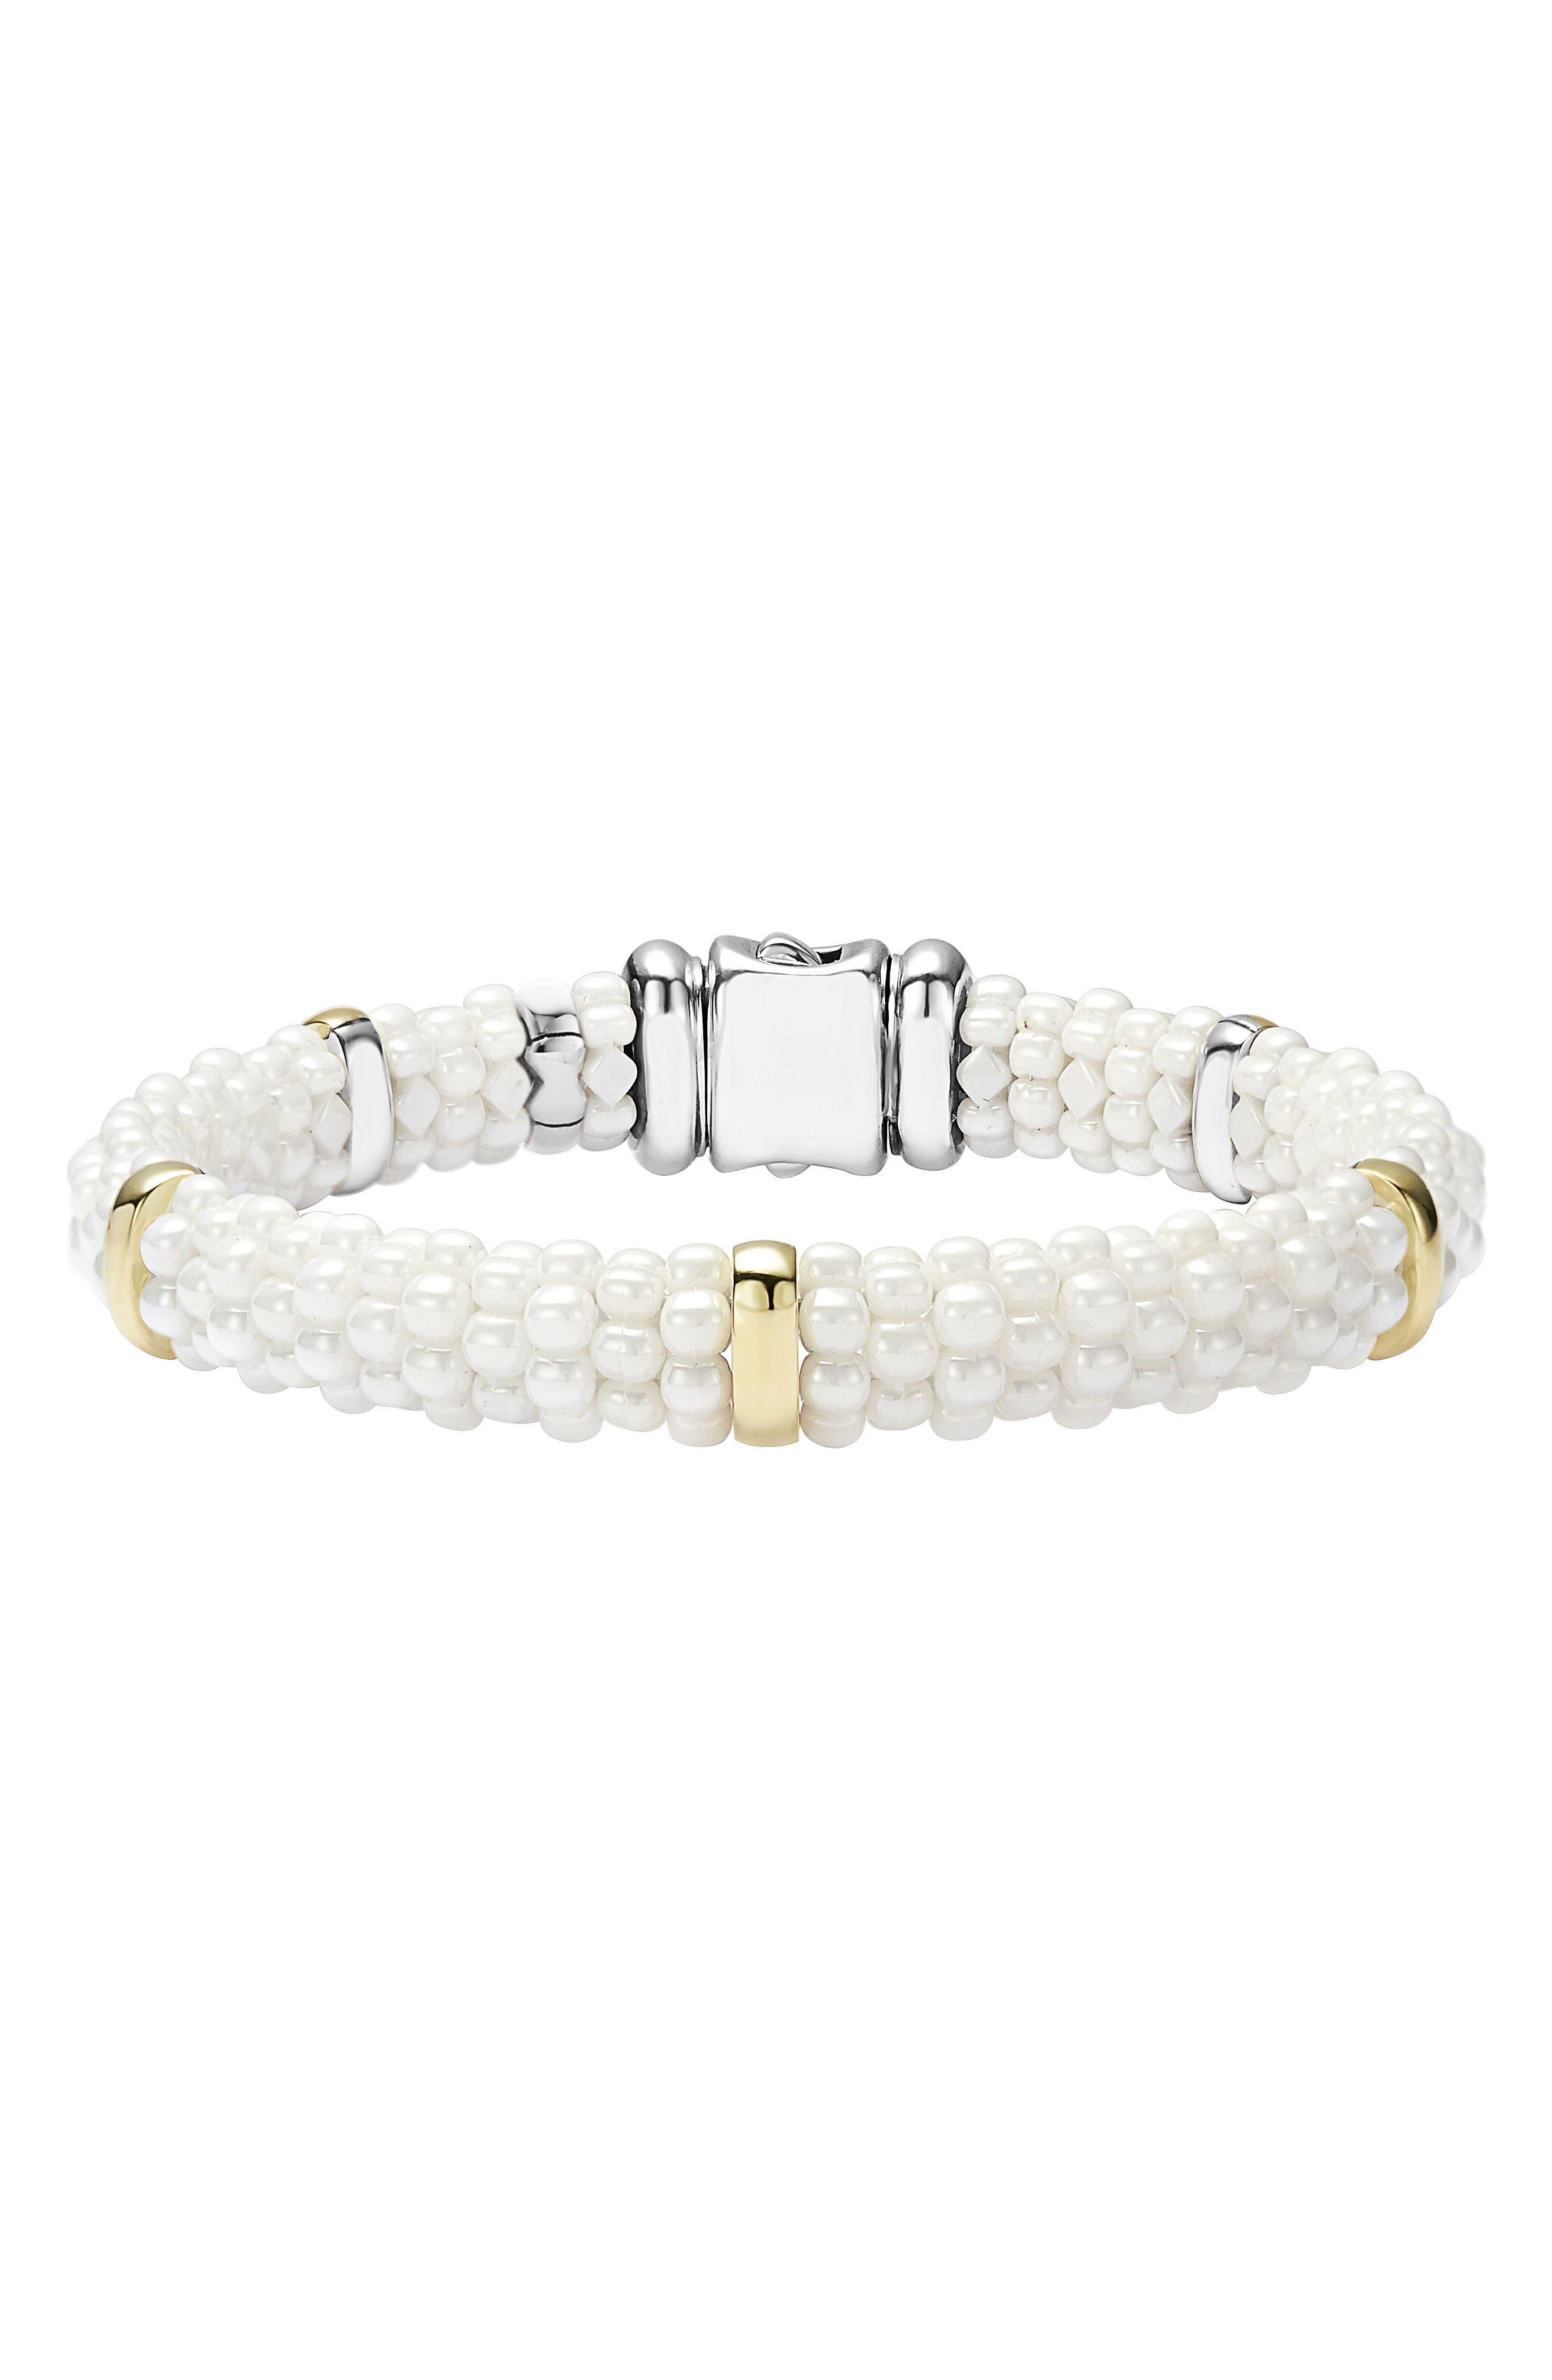 White Caviar Station Bracelet,                             Main thumbnail 1, color,                             WHITE CAVIAR